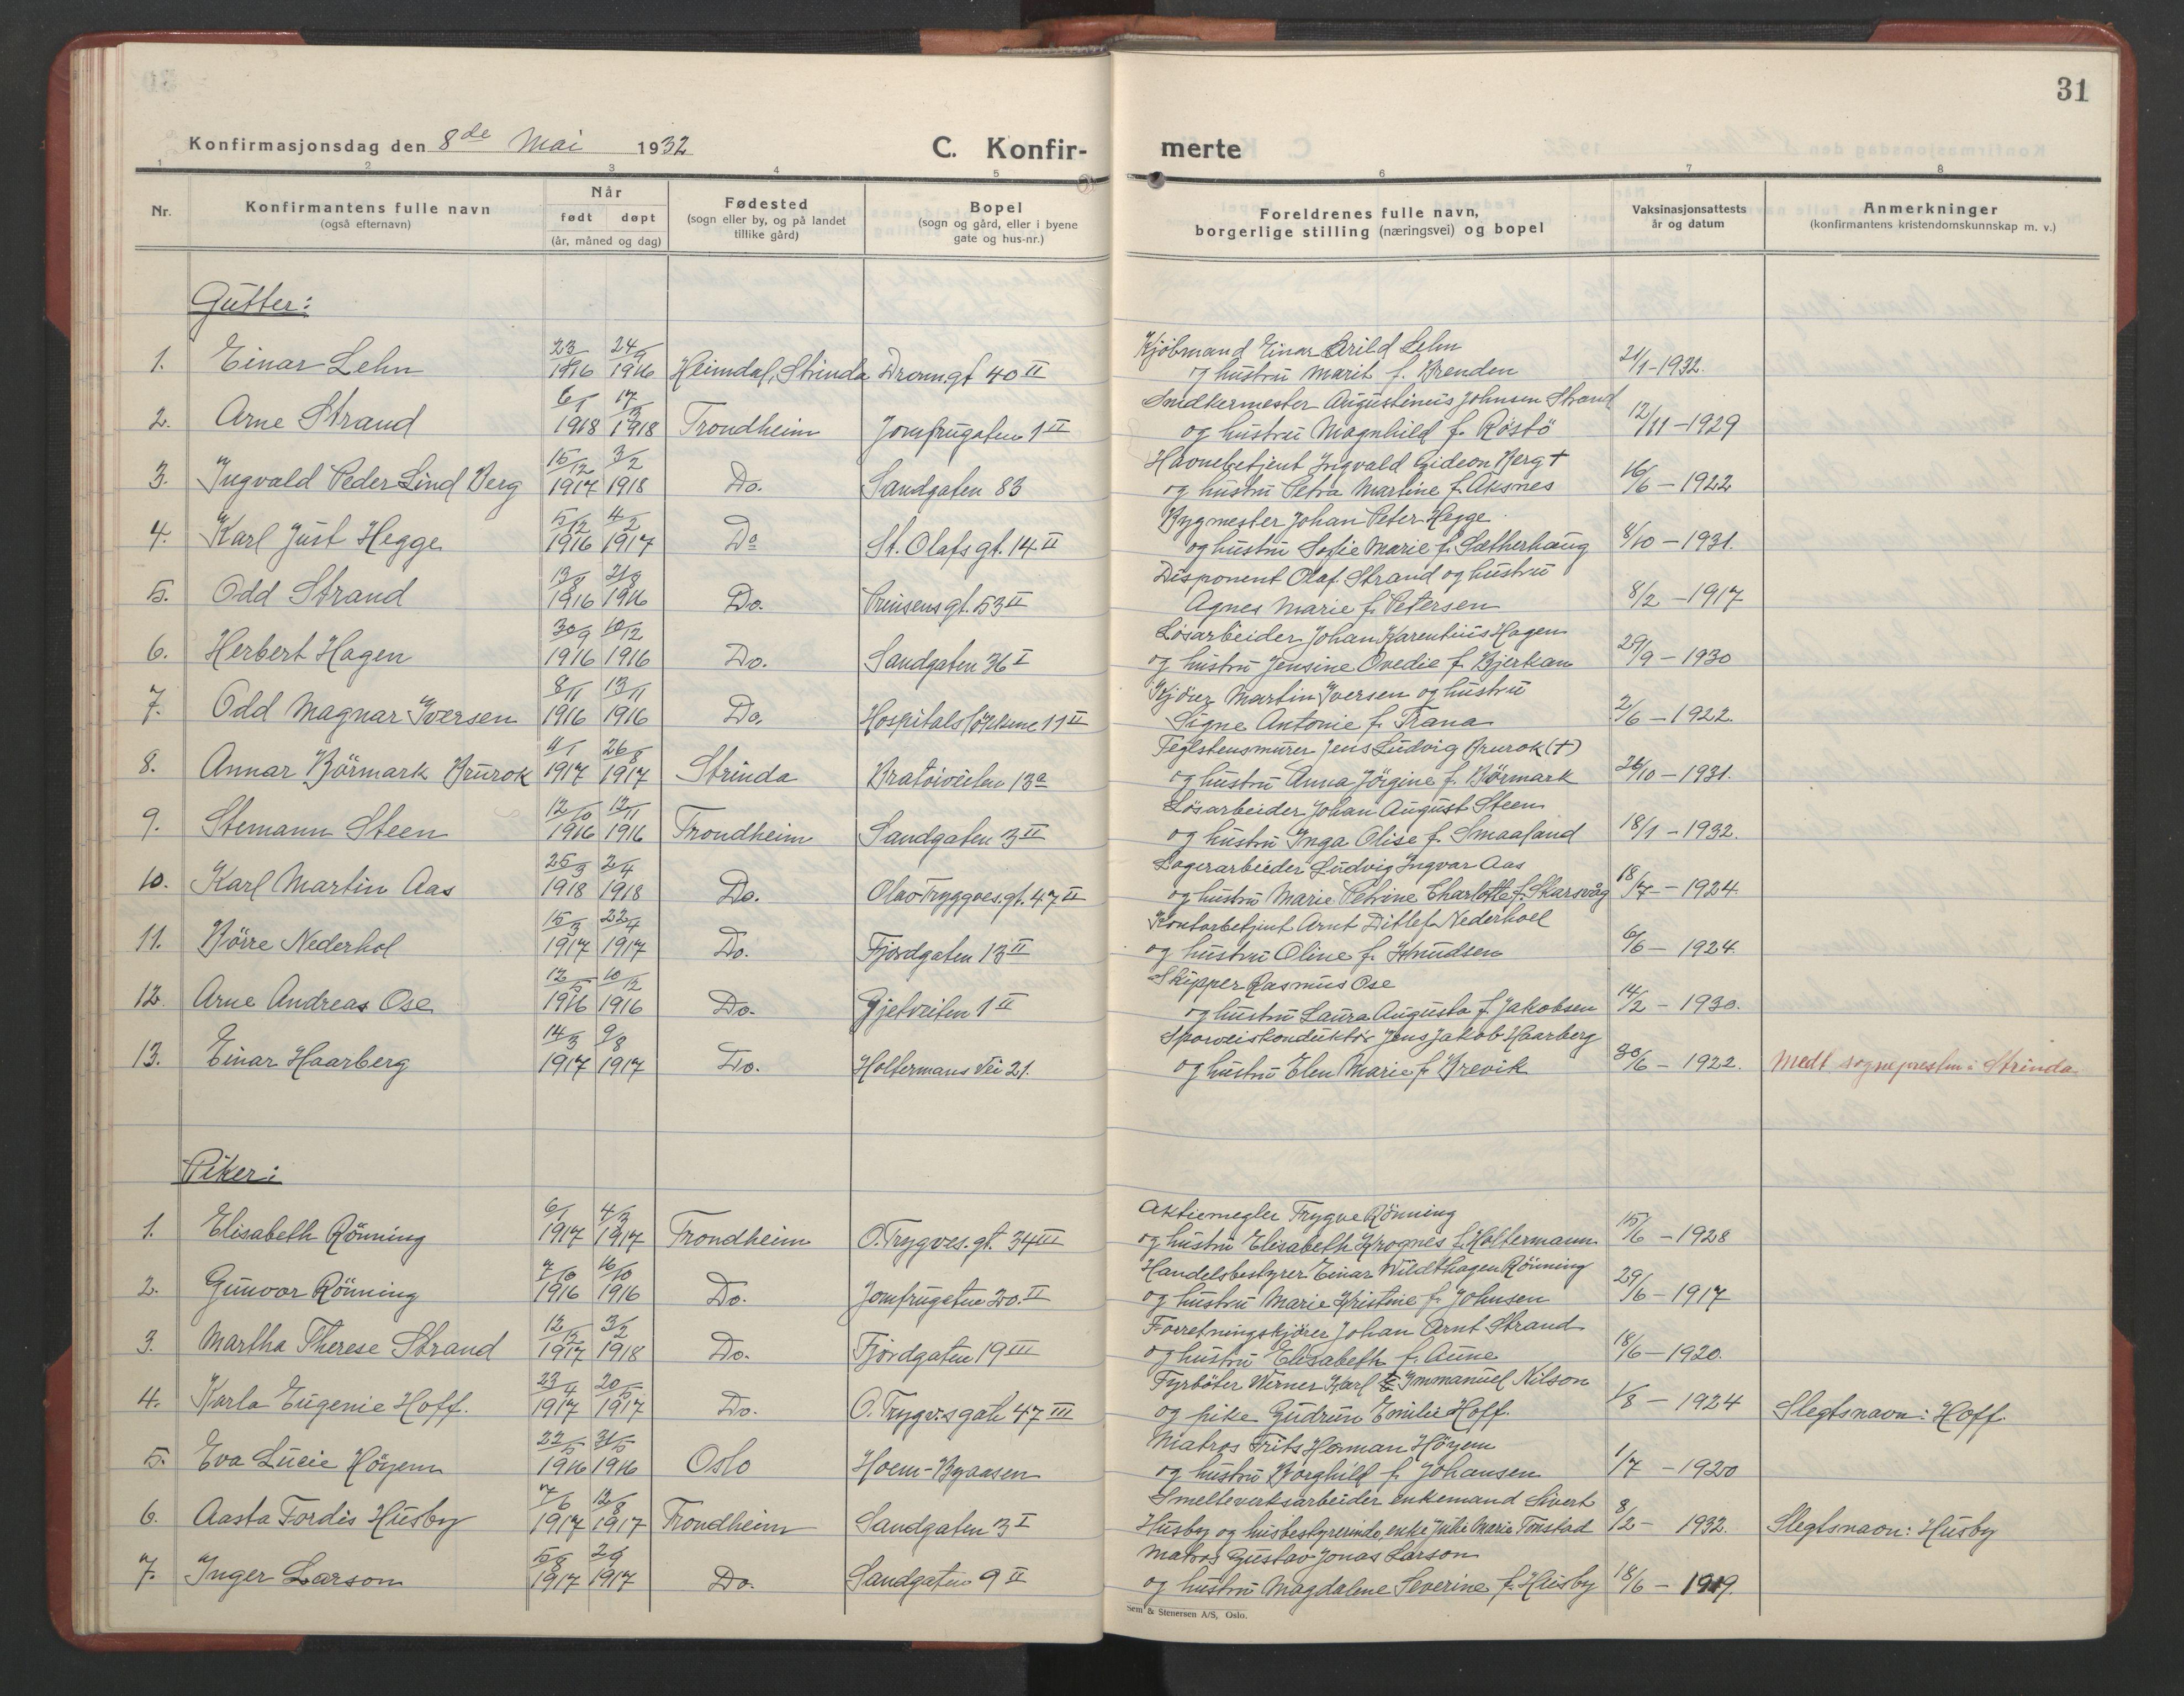 SAT, Ministerialprotokoller, klokkerbøker og fødselsregistre - Sør-Trøndelag, 602/L0151: Klokkerbok nr. 602C19, 1925-1951, s. 31